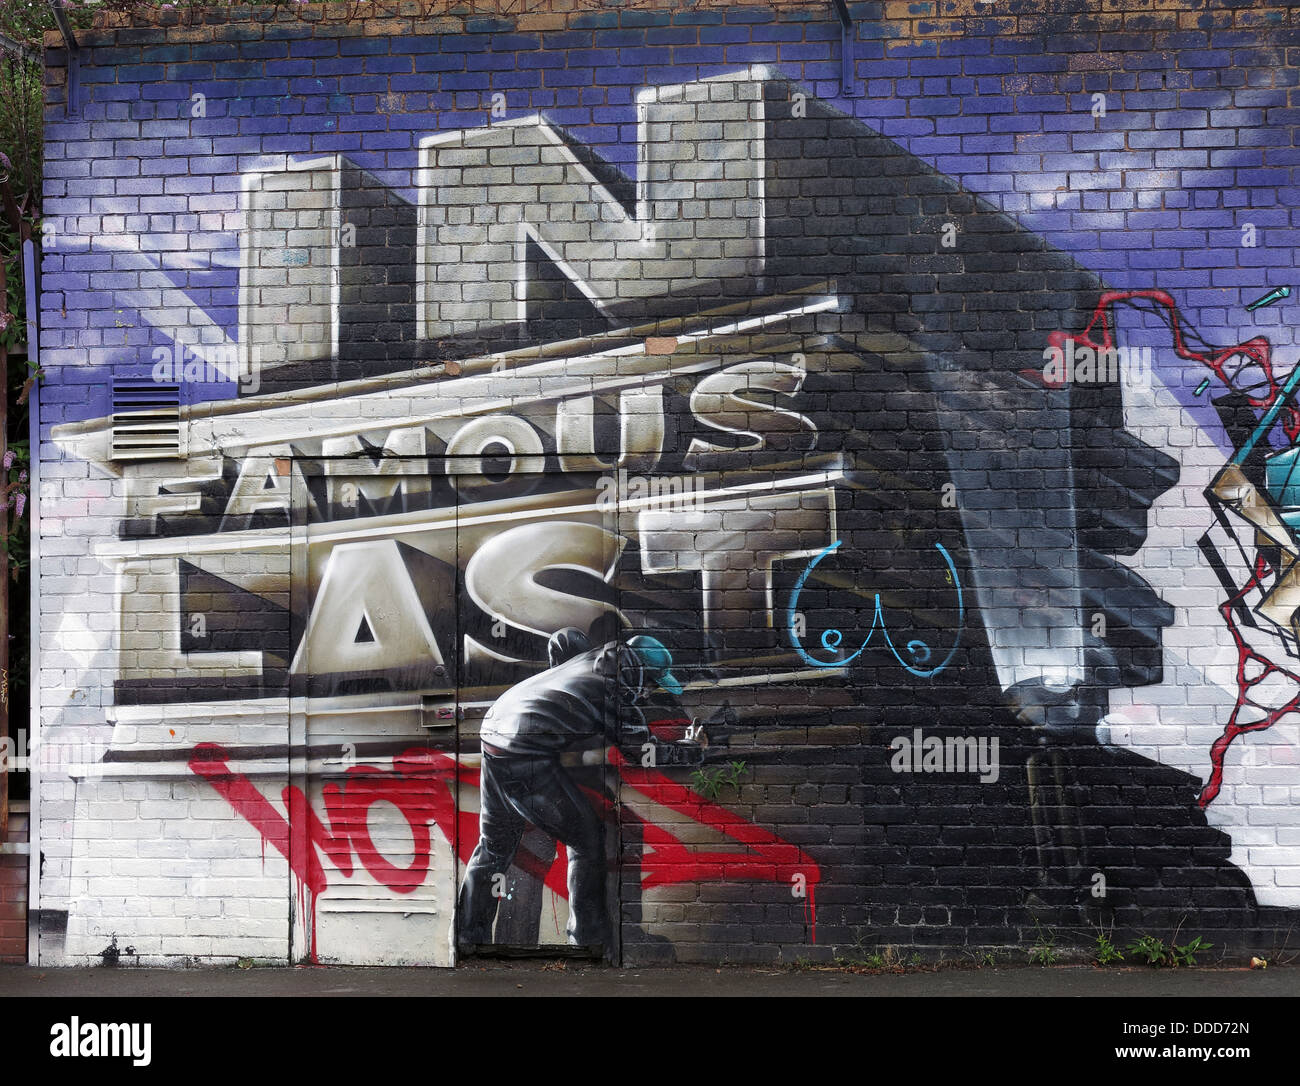 Laden Sie dieses Alamy Stockfoto Graffiti auf leere Bürogebäude, Obere Parliament Street, Liverpool, Merseyside, North West England, Großbritannien - DDD72N